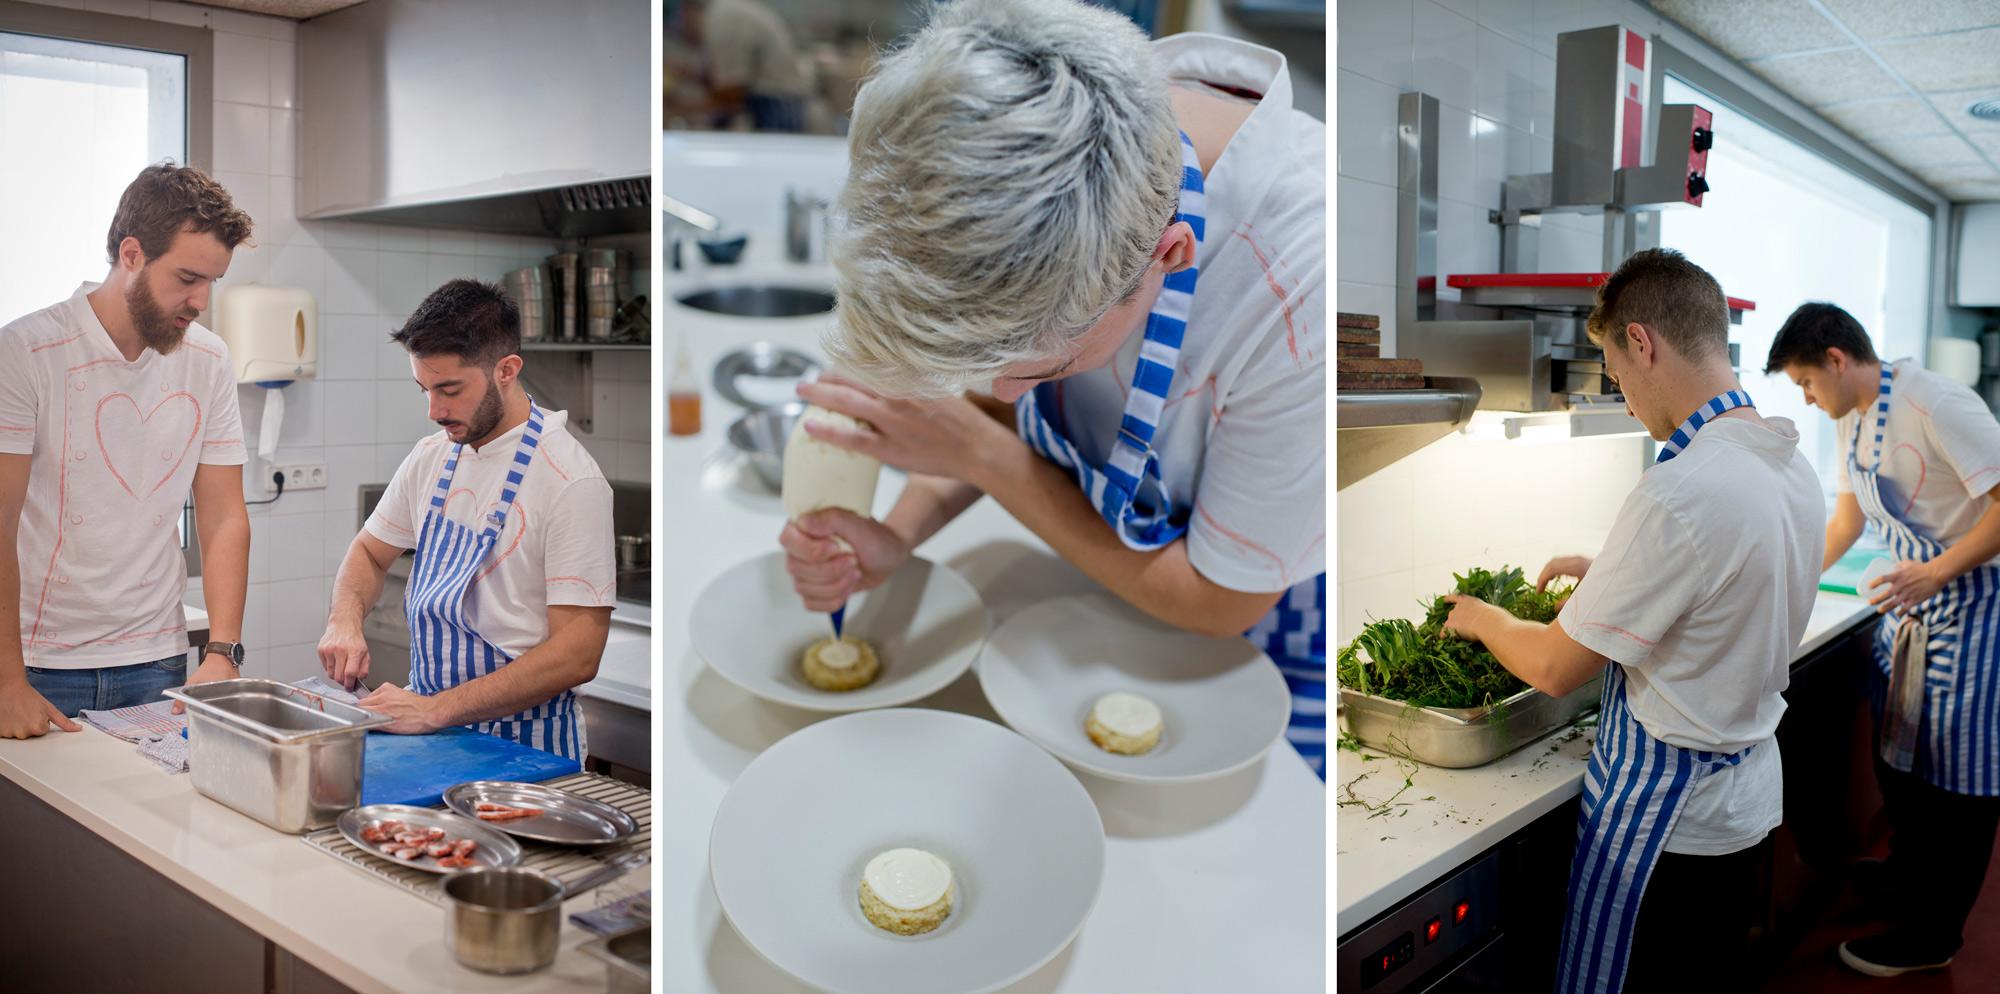 Un equipo joven, entusiasta y con ideas se afana en la cocina.